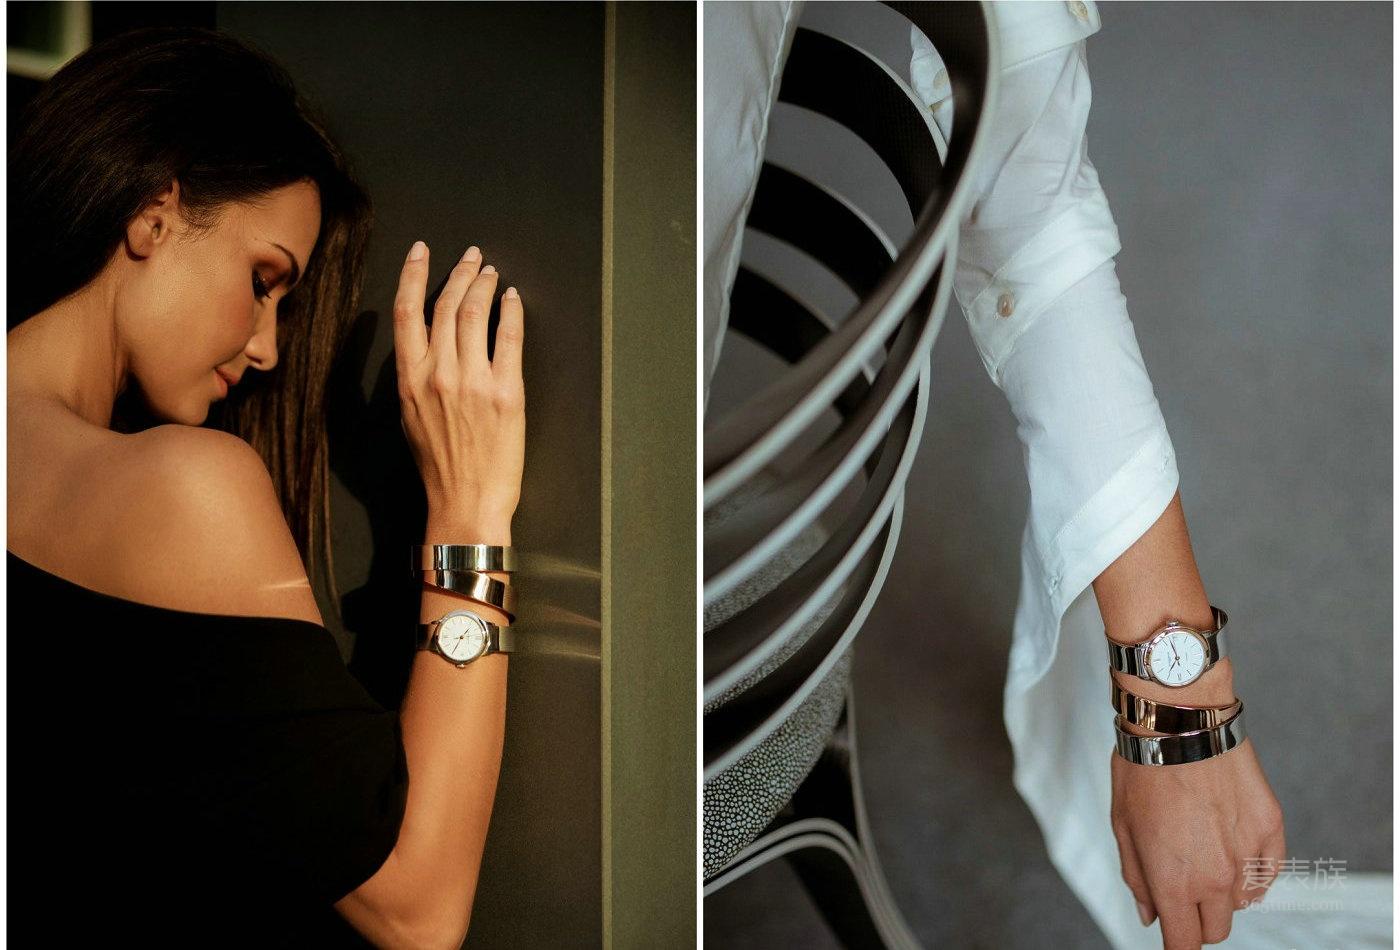 名士揭幕2017 迪拜时尚前沿(Fashion Forward)设计师特别款腕表